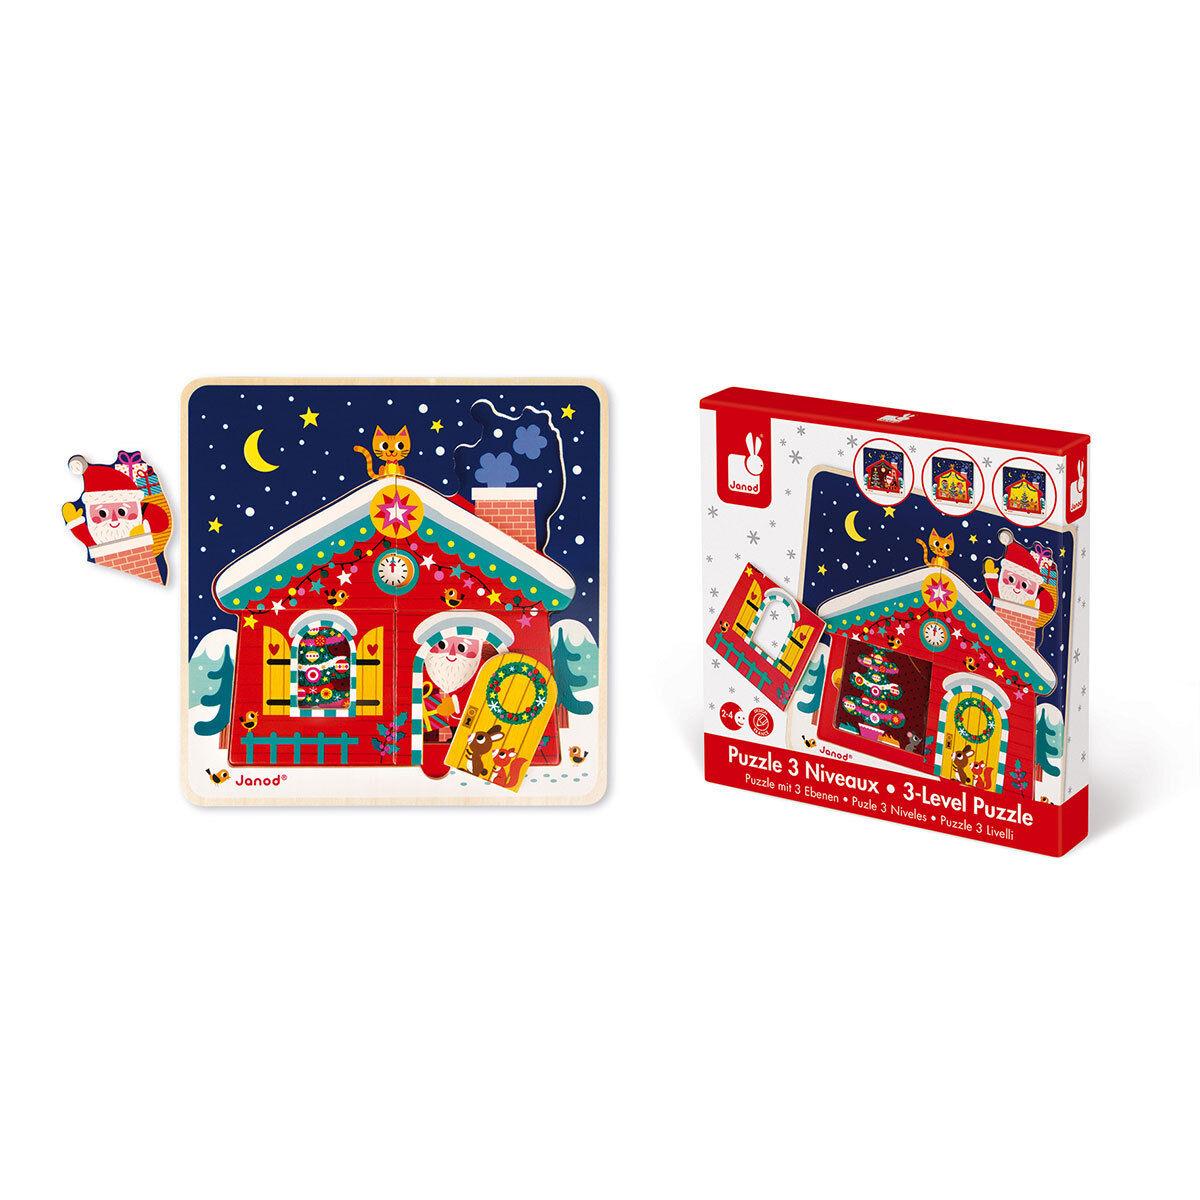 Janod Puzzle 3 Niveaux - La Nuit de Noël